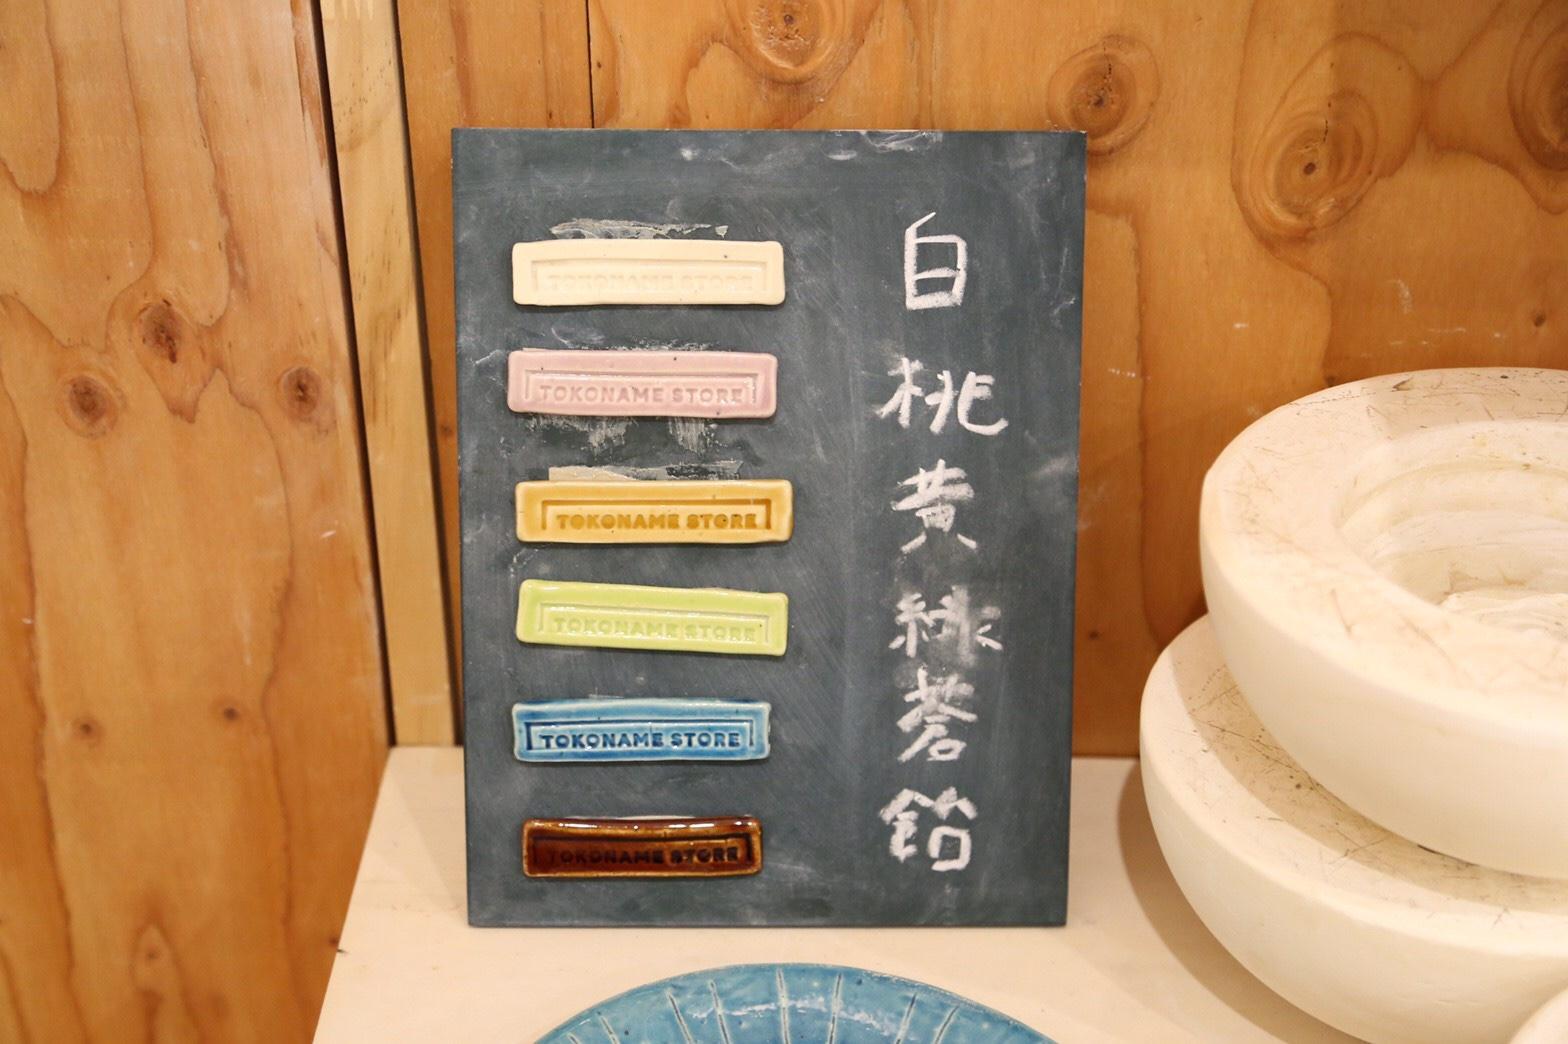 ポップな色がかわいい!現代版の常滑焼がお洒落な「TOKONAME STORE」で陶芸体験 - tokoname5